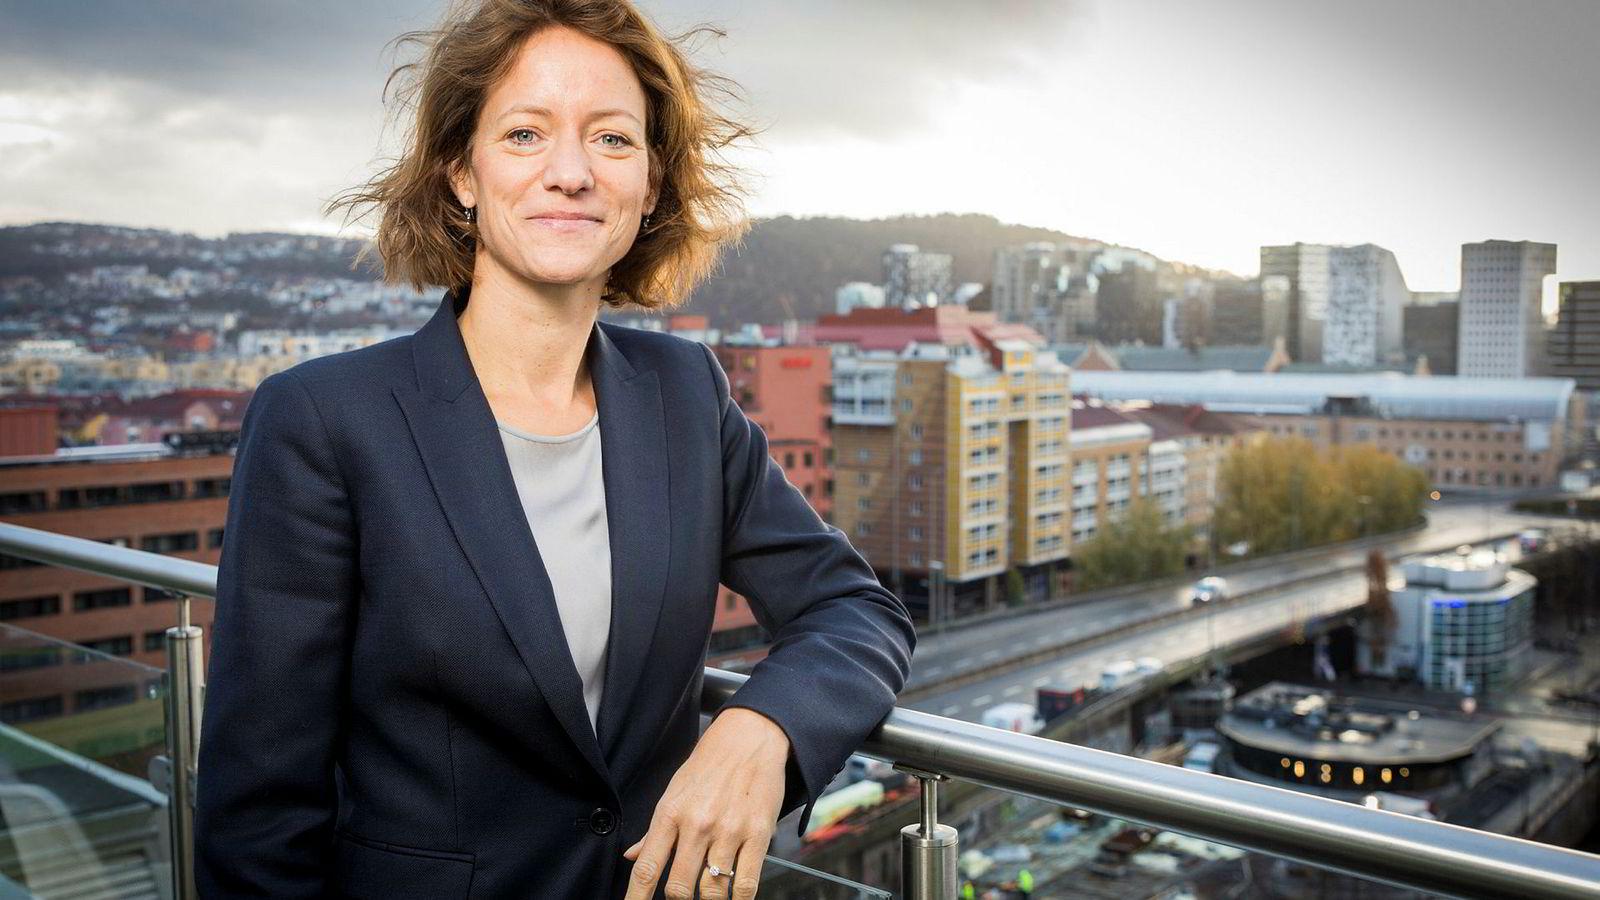 Konsernsjef Hege Yli Melhus Ask i NHST kom fra forsikringsbransjen og startet i jobben midt i fjerde kvartal.